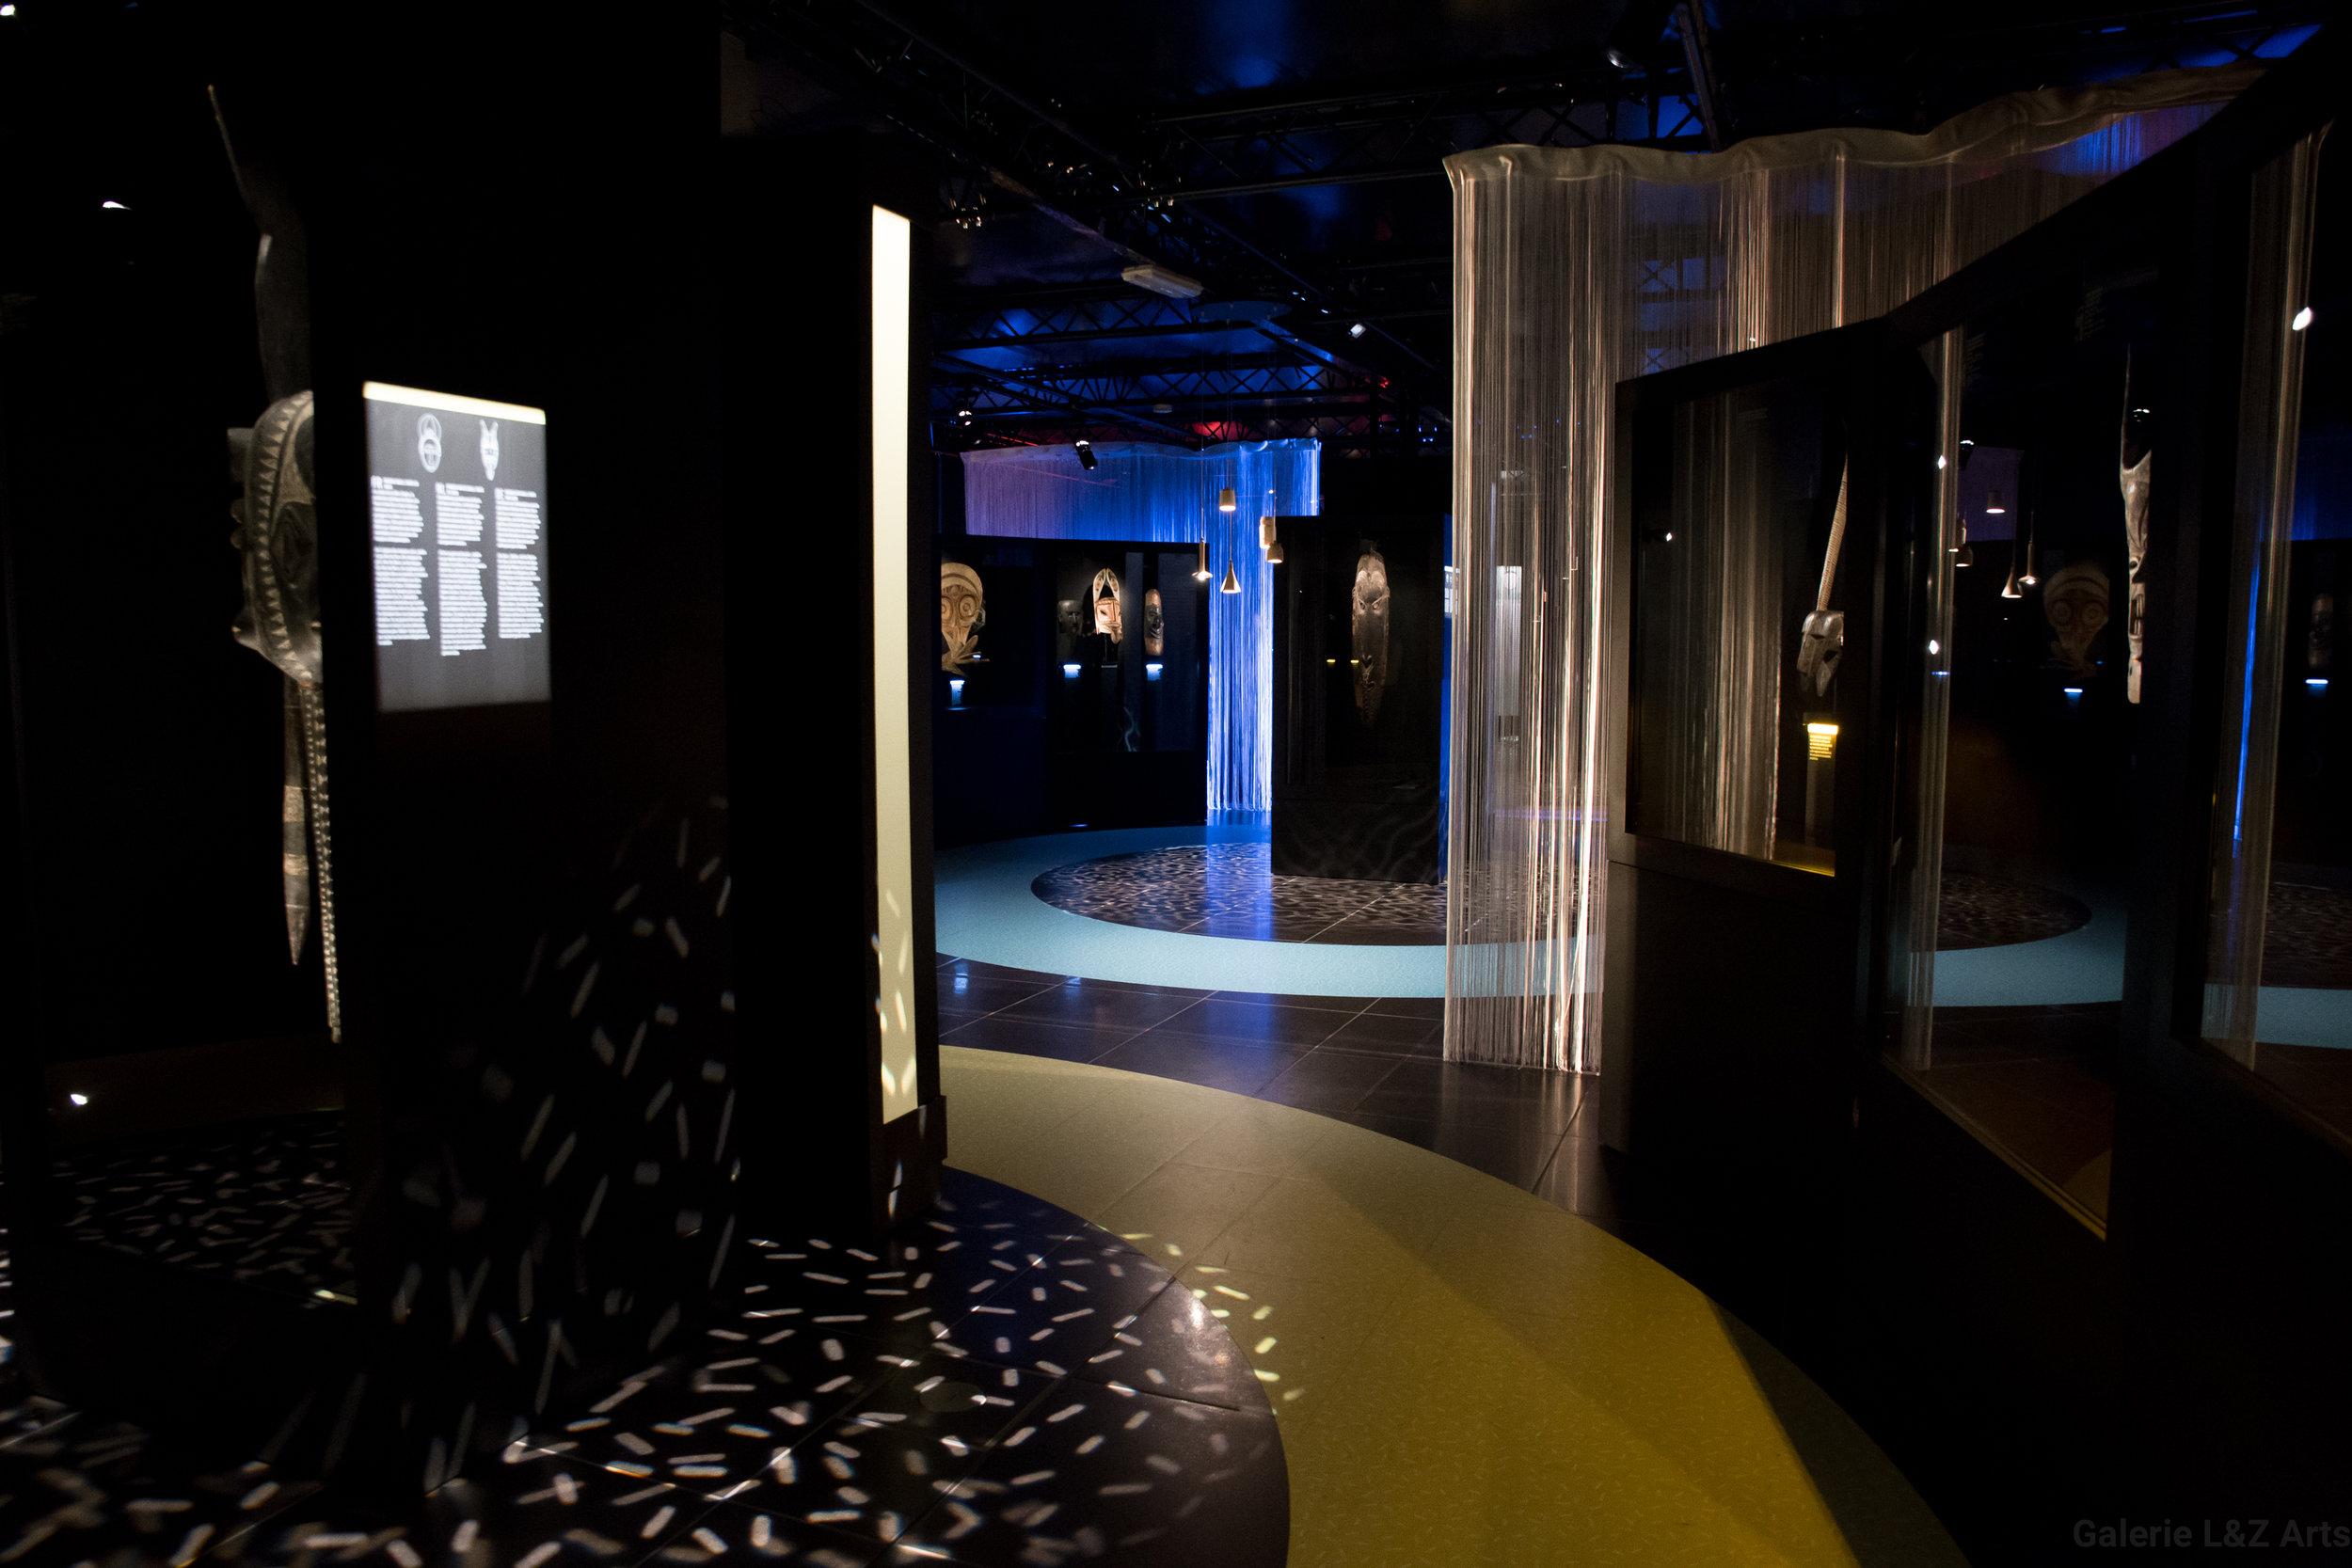 exposition-masque-art-tribal-africain-musee-quai-branly-belgique-galerie-lz-arts-liege-cite-miroir-oceanie-asie-japon-amerique-art-premier-nepal-47.jpg